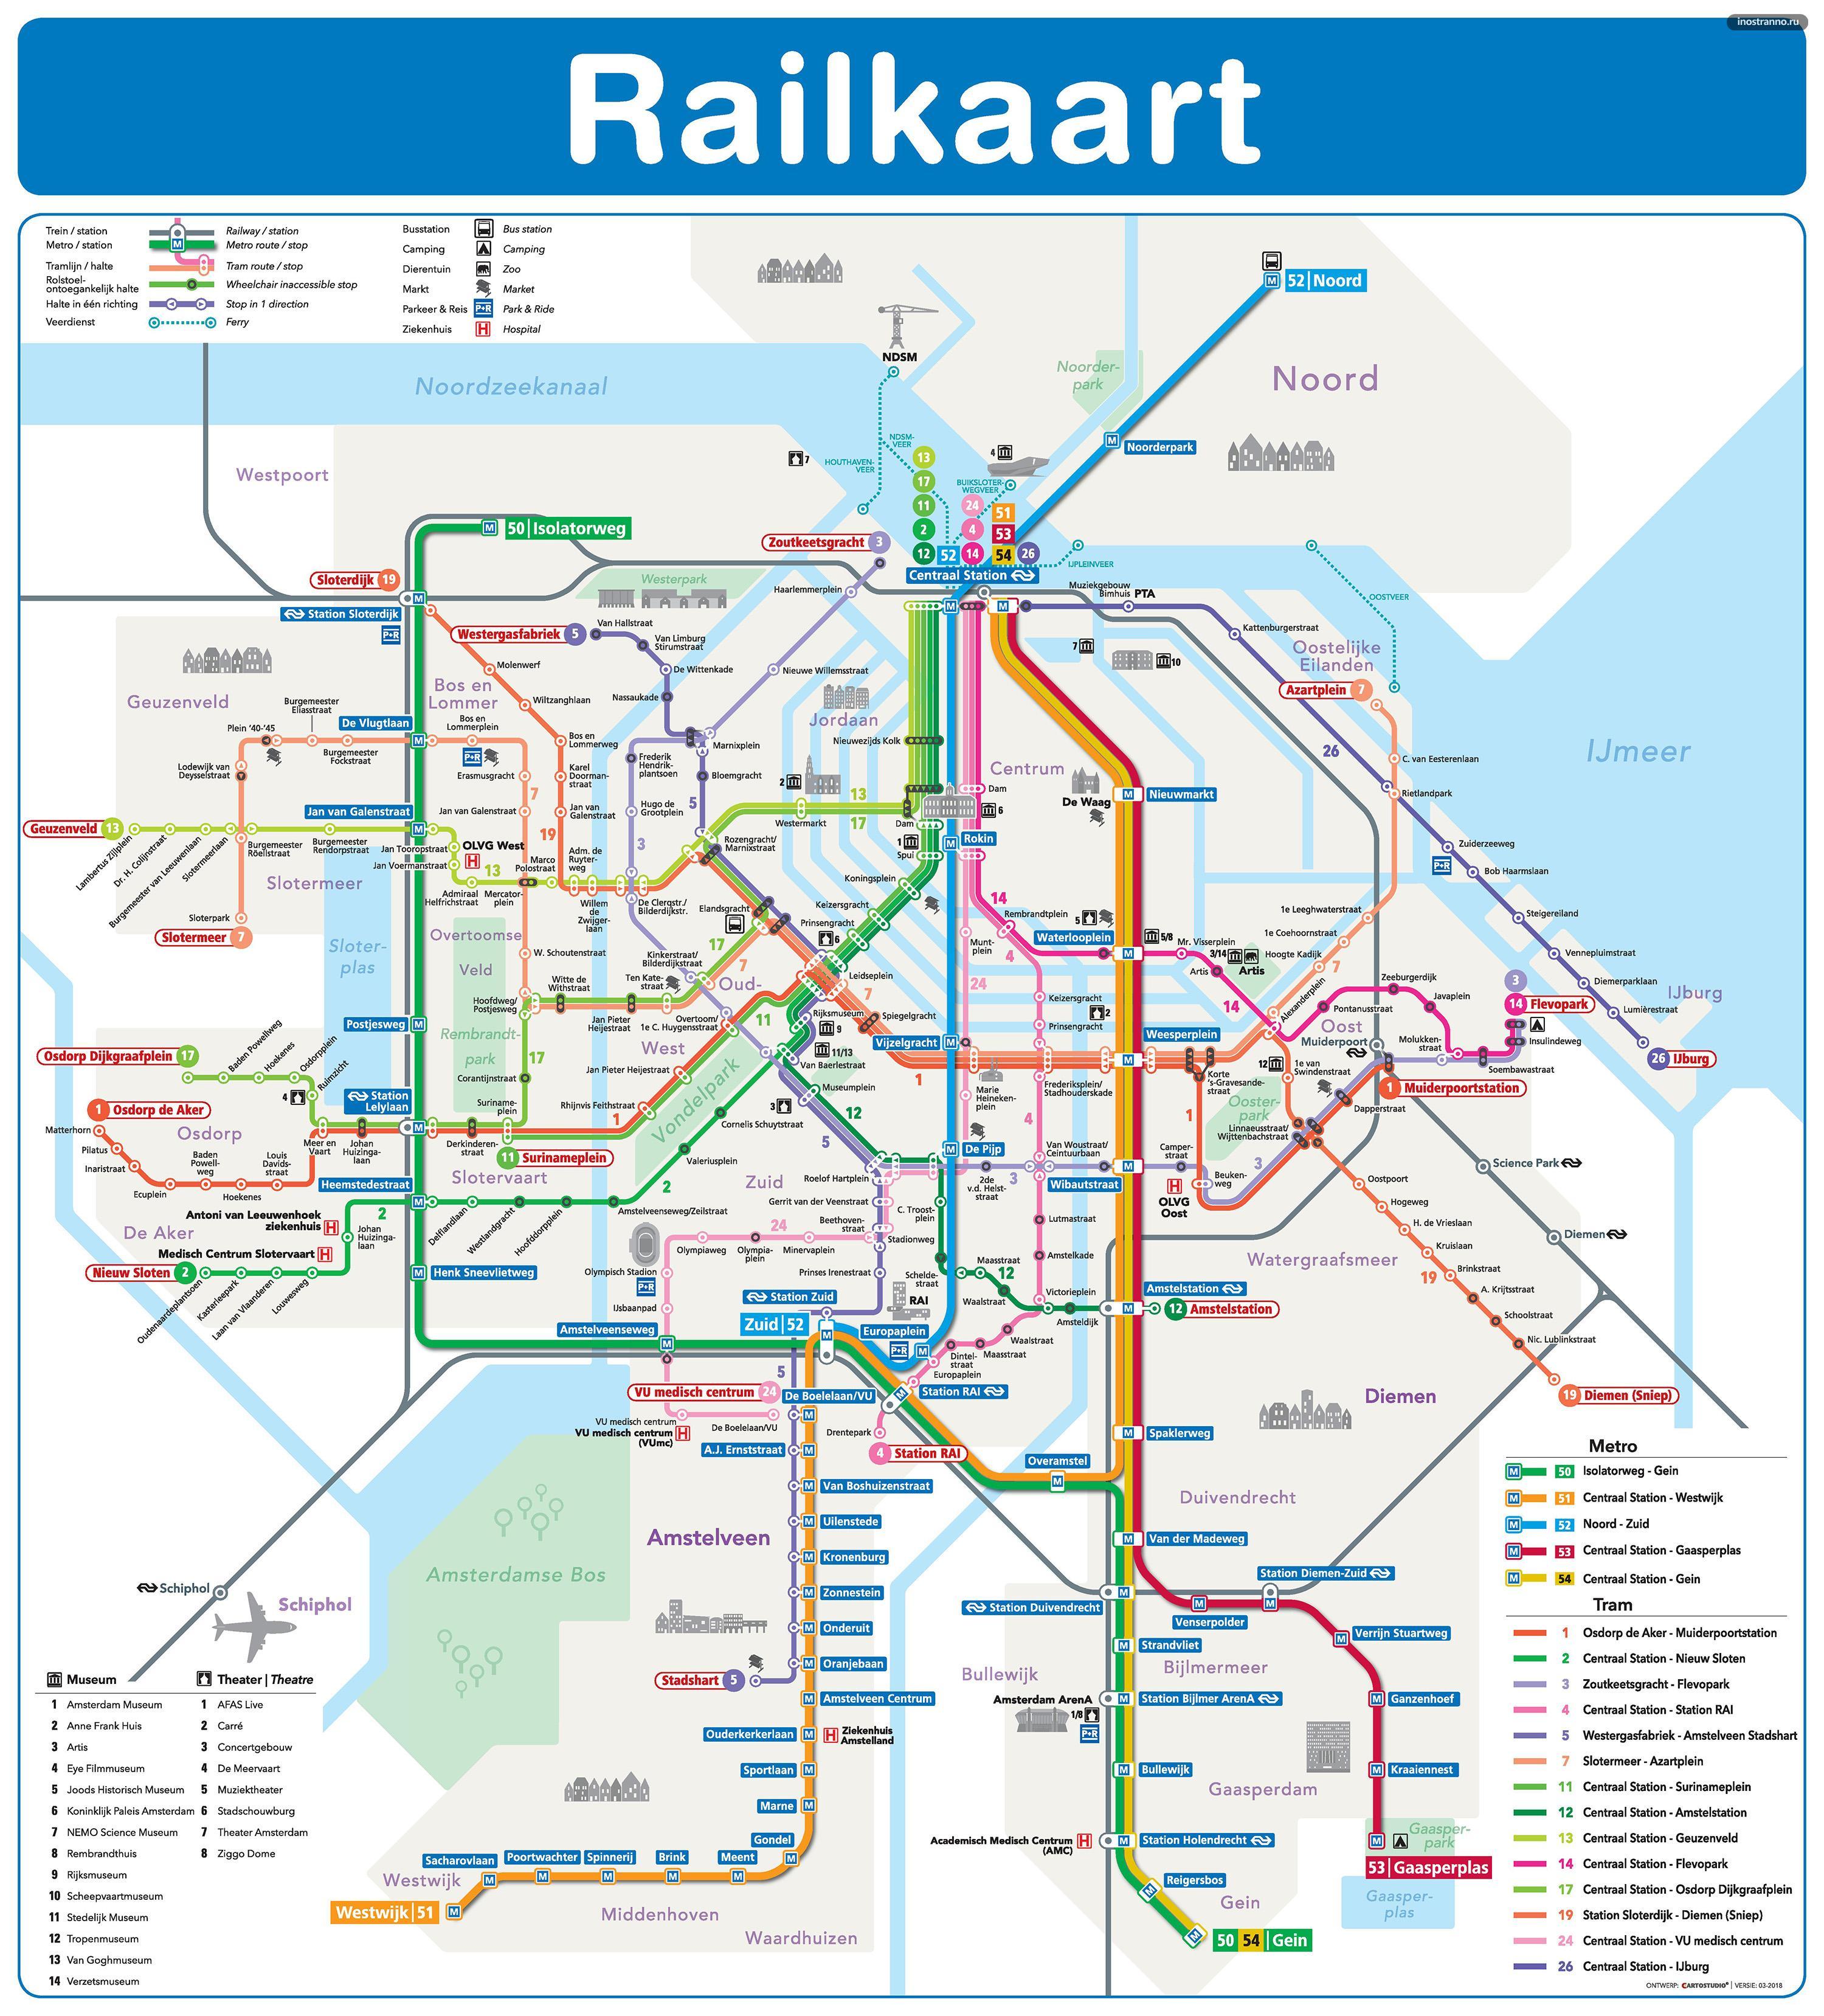 Карта схема метро и трамваев Амстердама